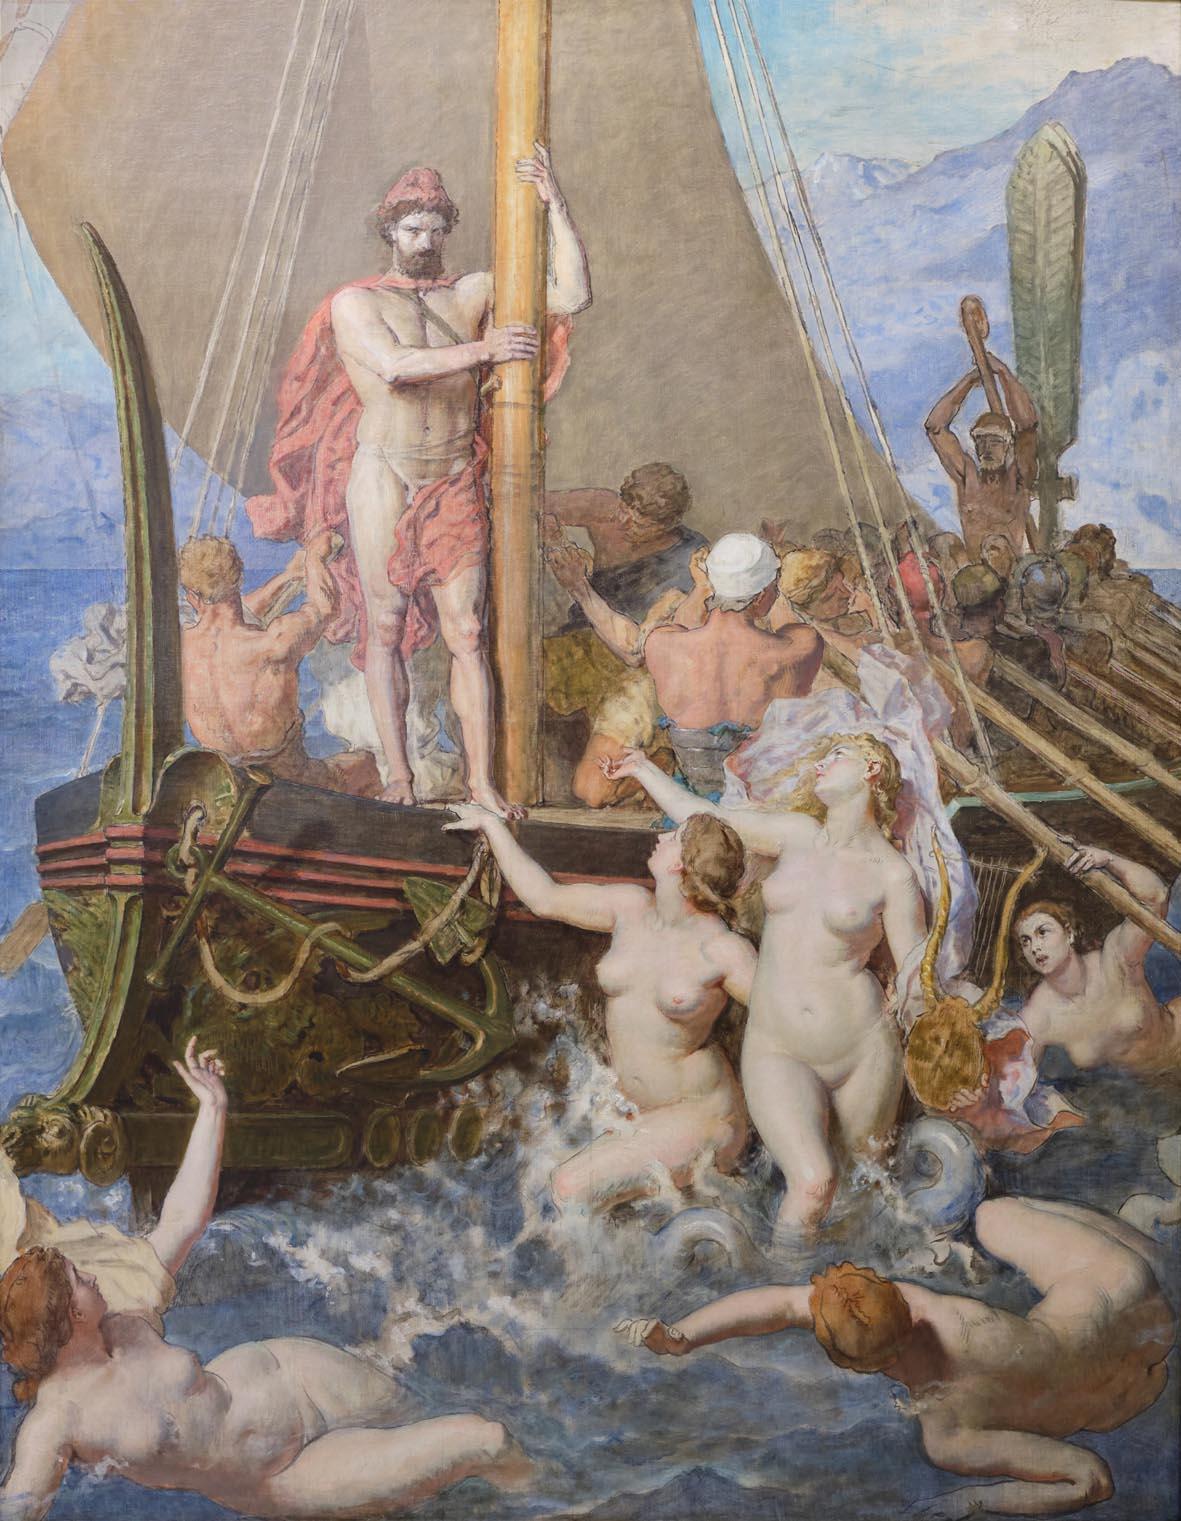 Lèon Belly, Les Sirènes (1867; olio su tela, 363 x 300 cm; Saint-Omer, Musée de l'hôtel Sandelin)